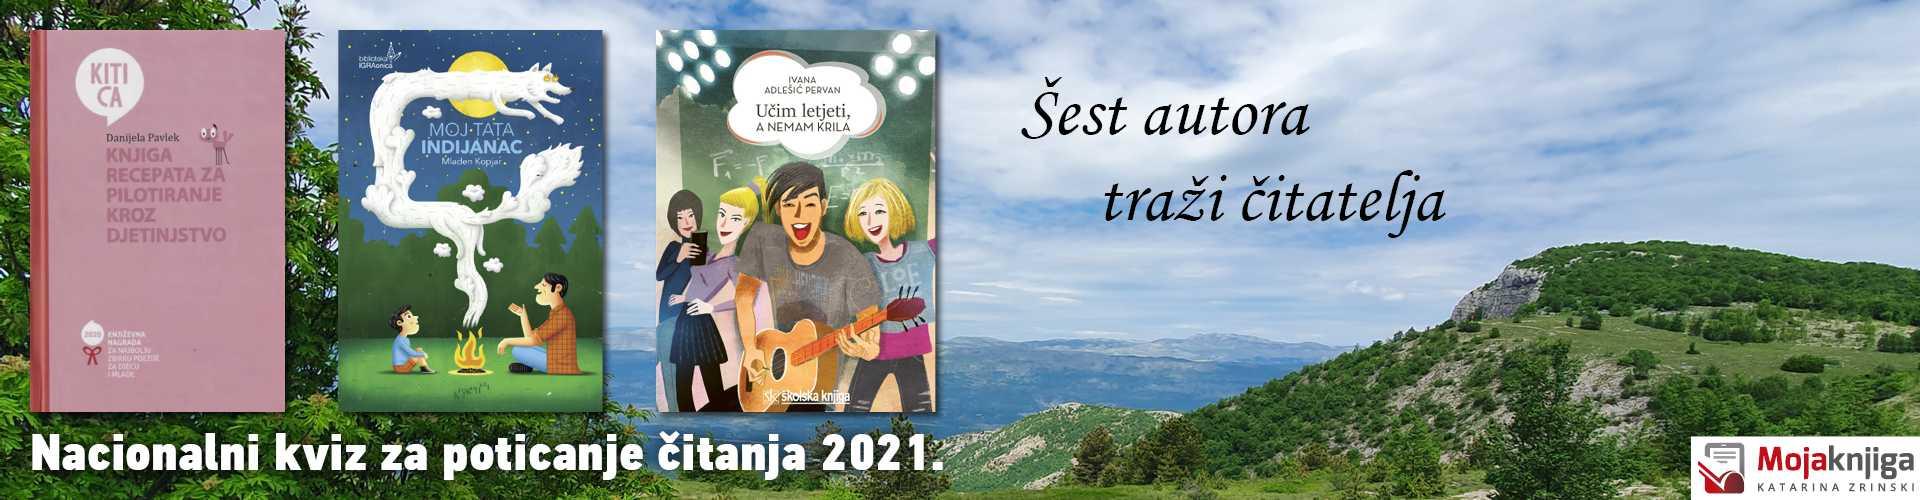 Nacionalni kviz 2021 1920-500